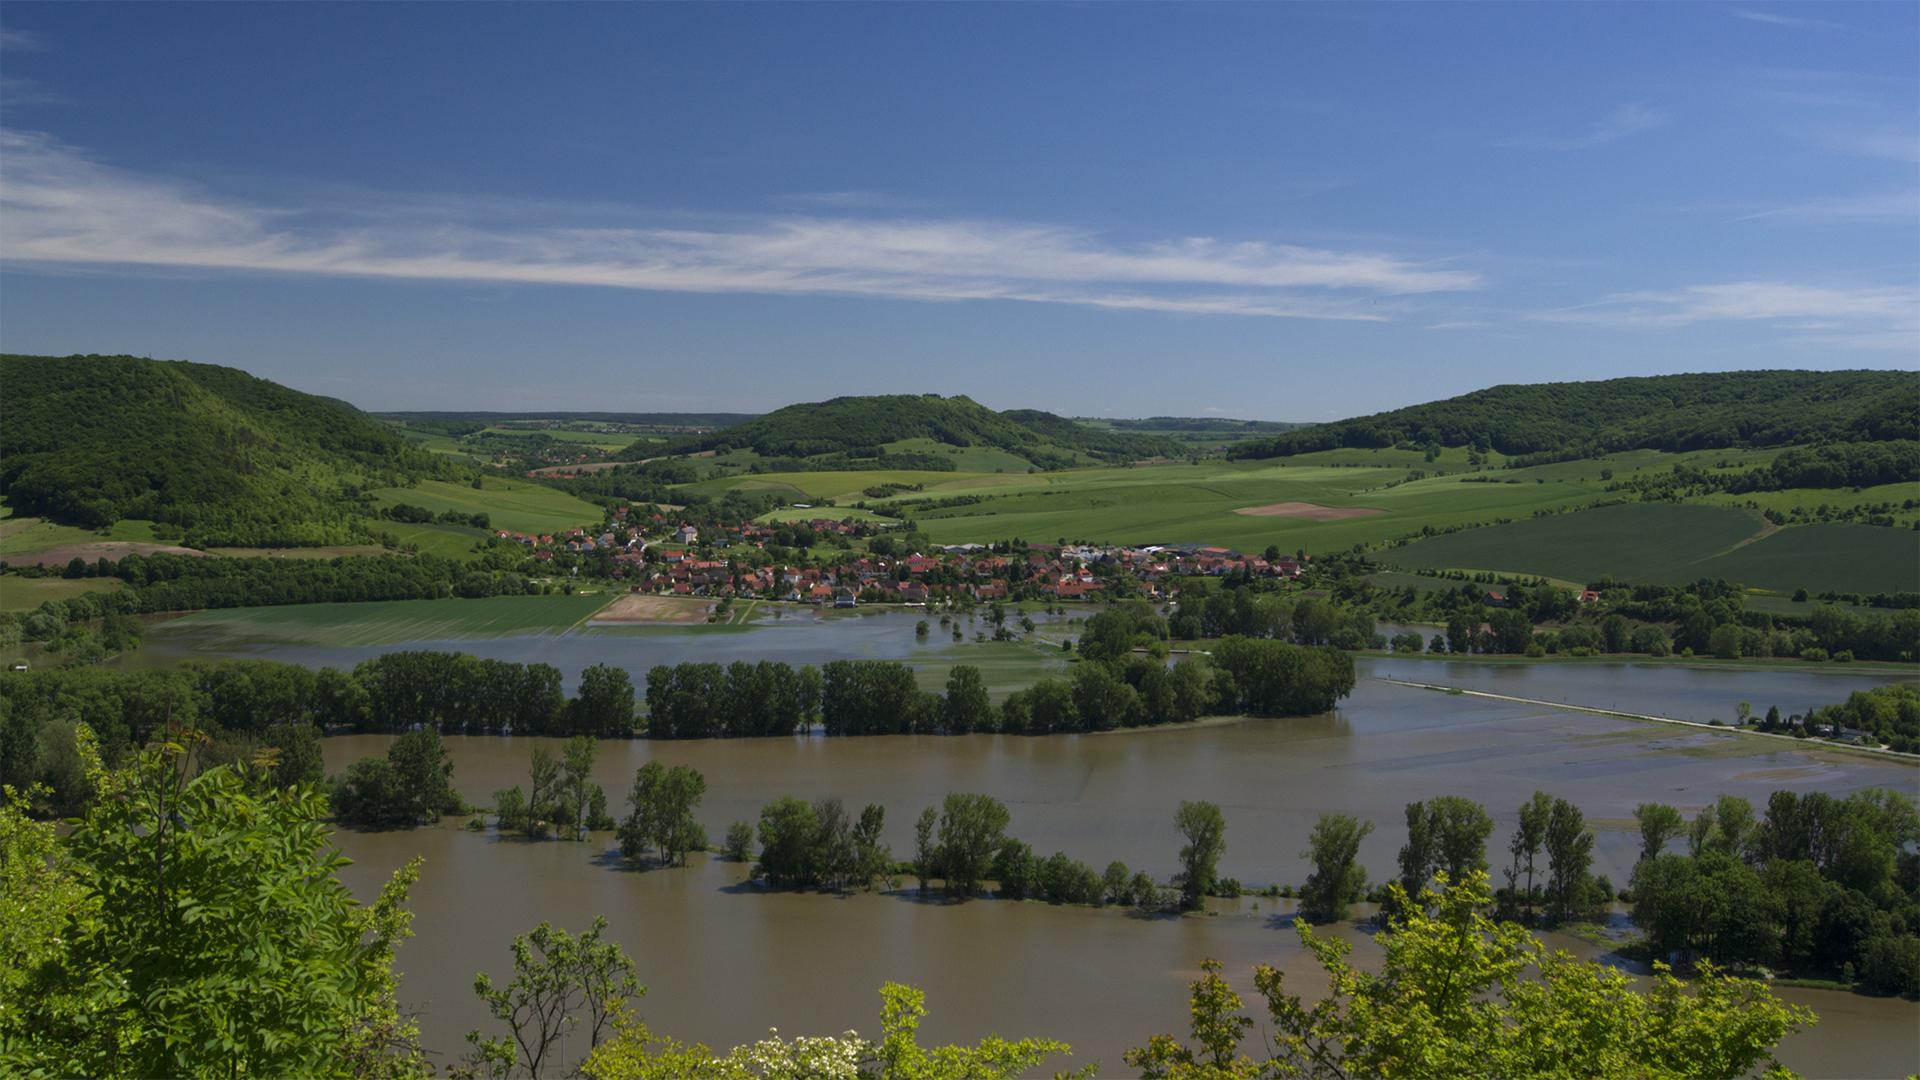 Saalehochwasser Juni 2013